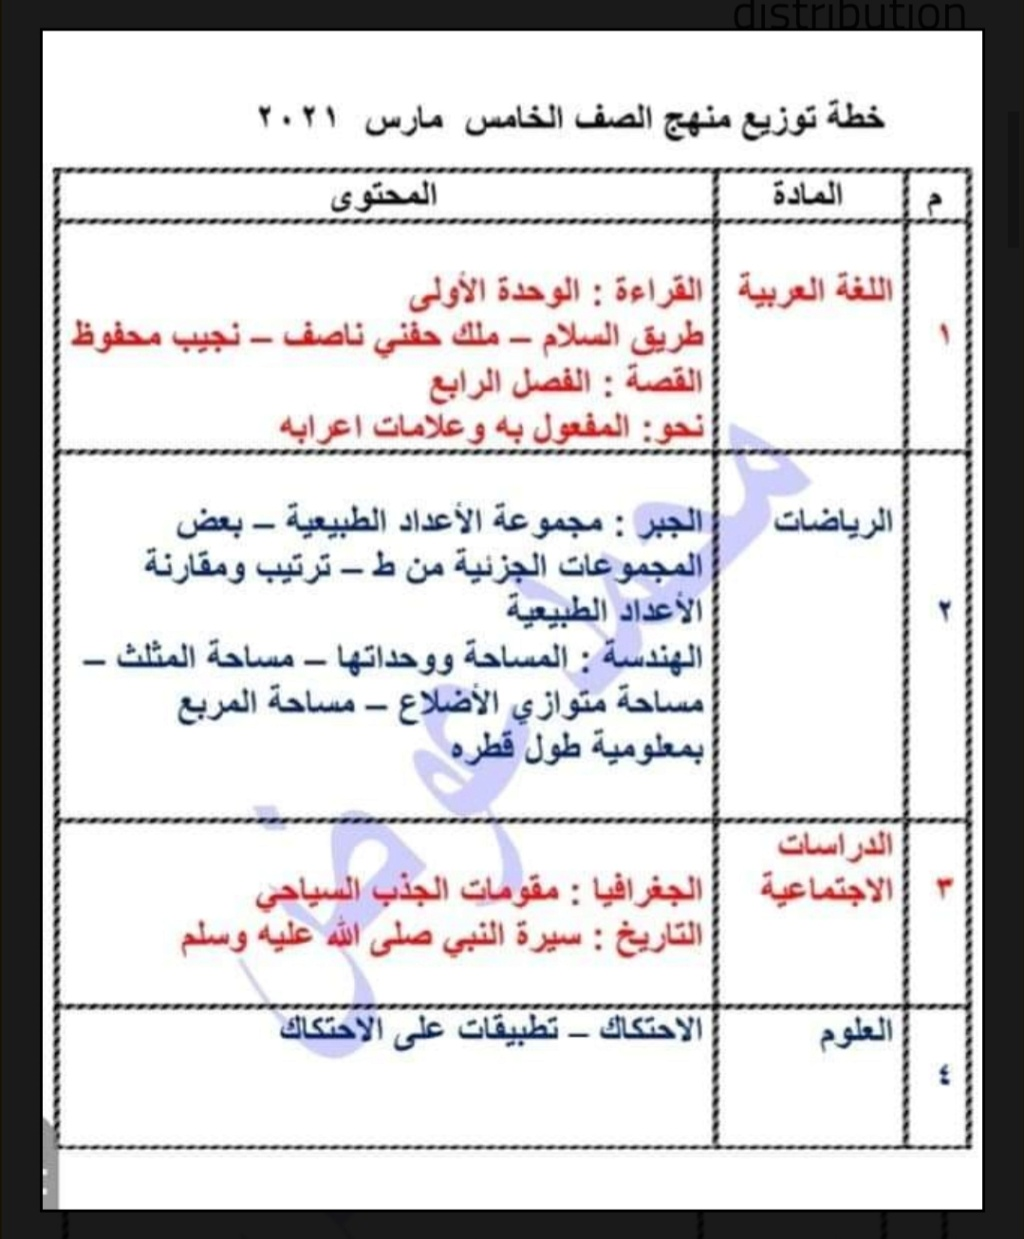 توزيع مناهج المرحلة الابتدائية لشهر مارس 2021 كل المواد Img_2011